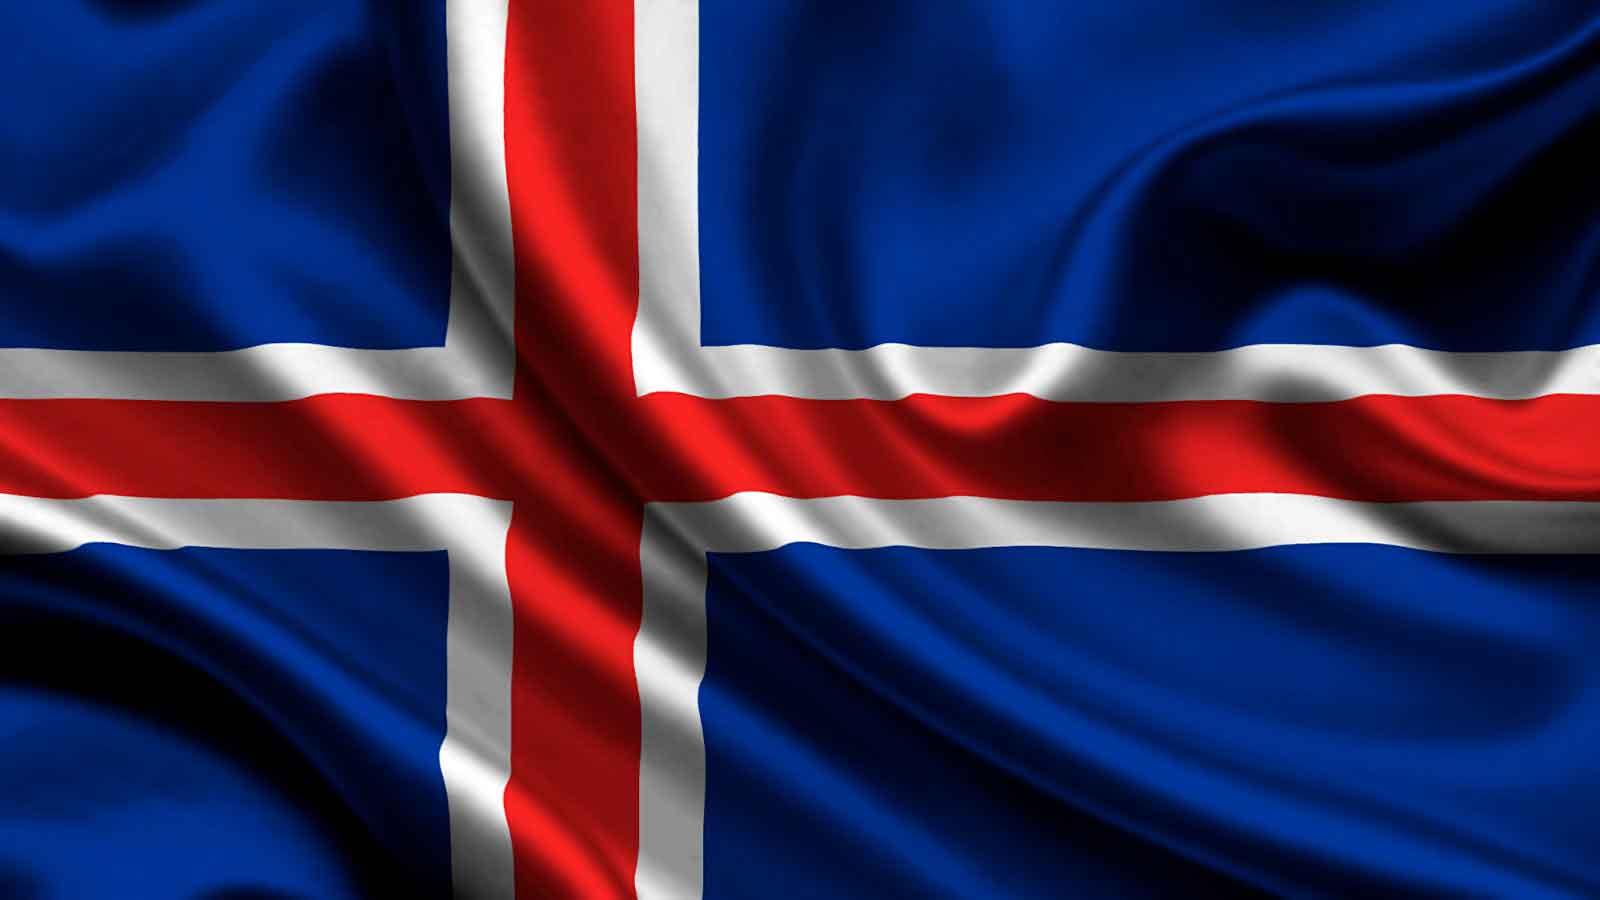 Флаг исландия фото картинки